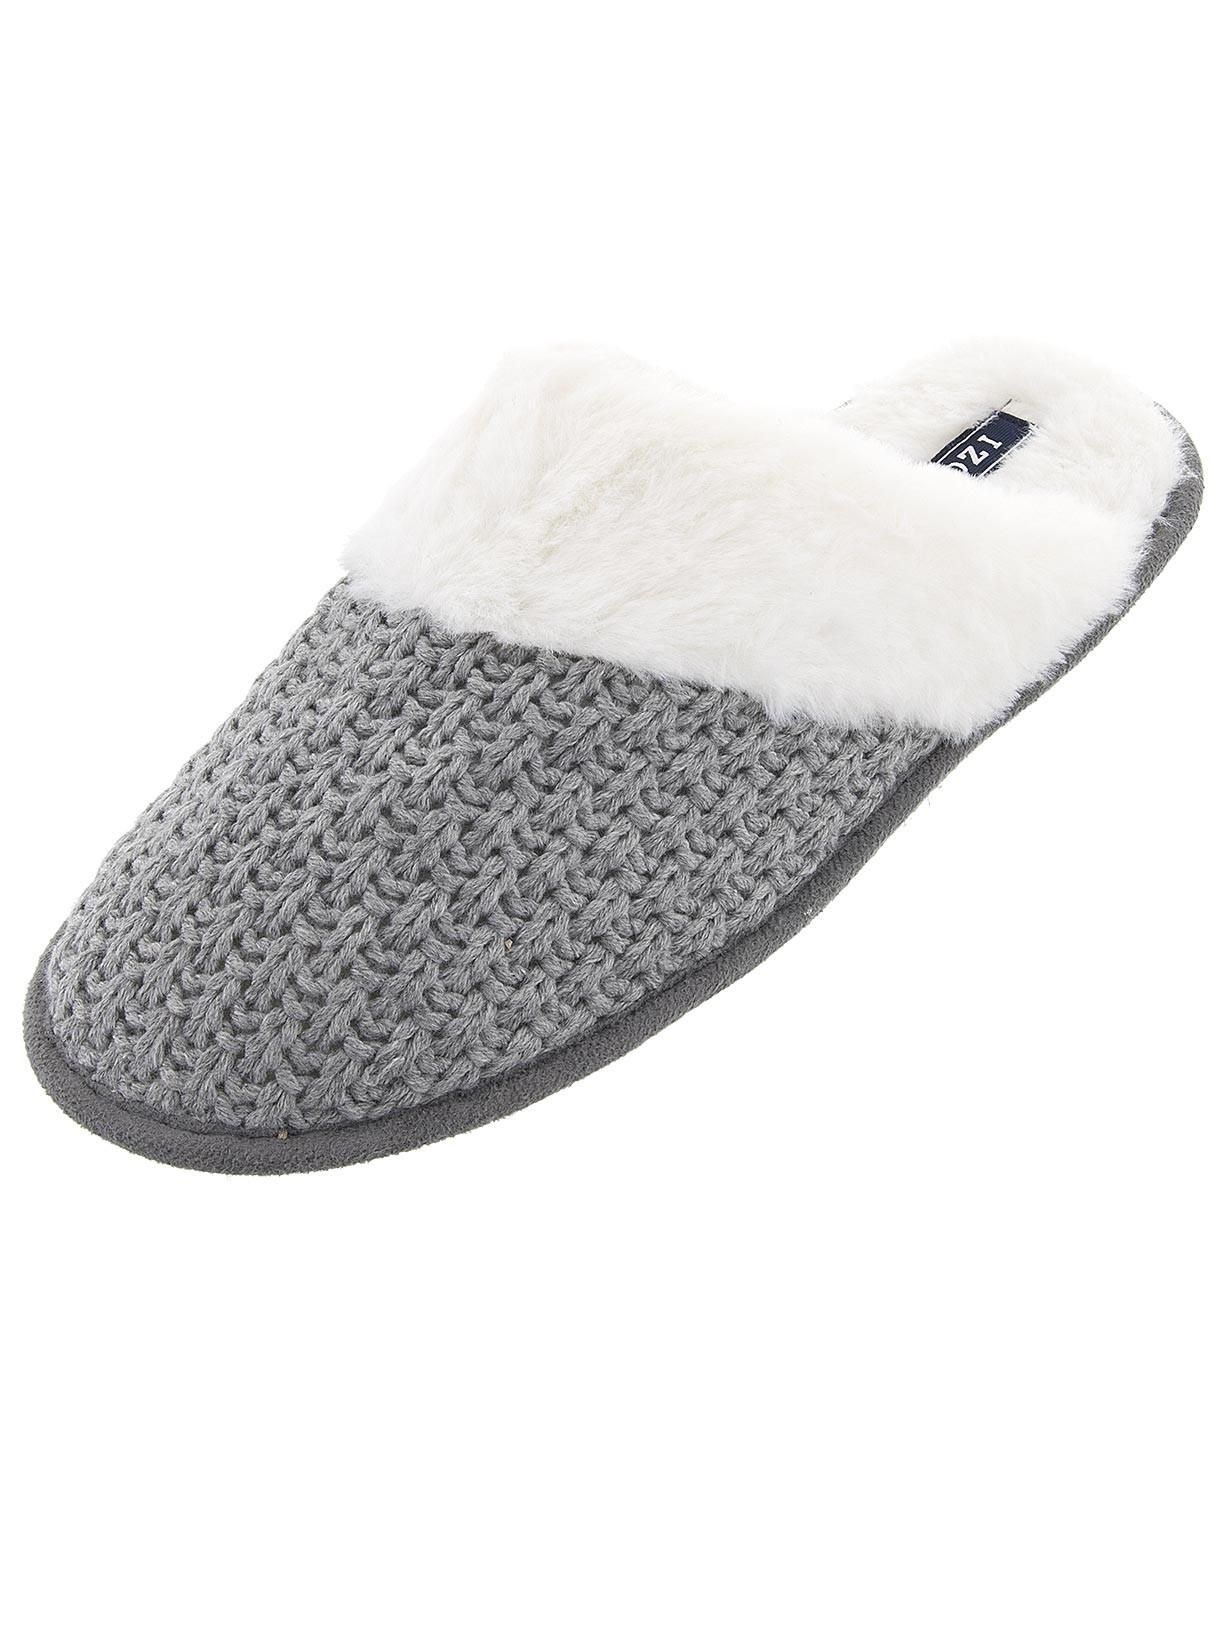 4f2050880dc4 IZOD - IZOD Womens Gray Knit Scuff Slippers - Walmart.com